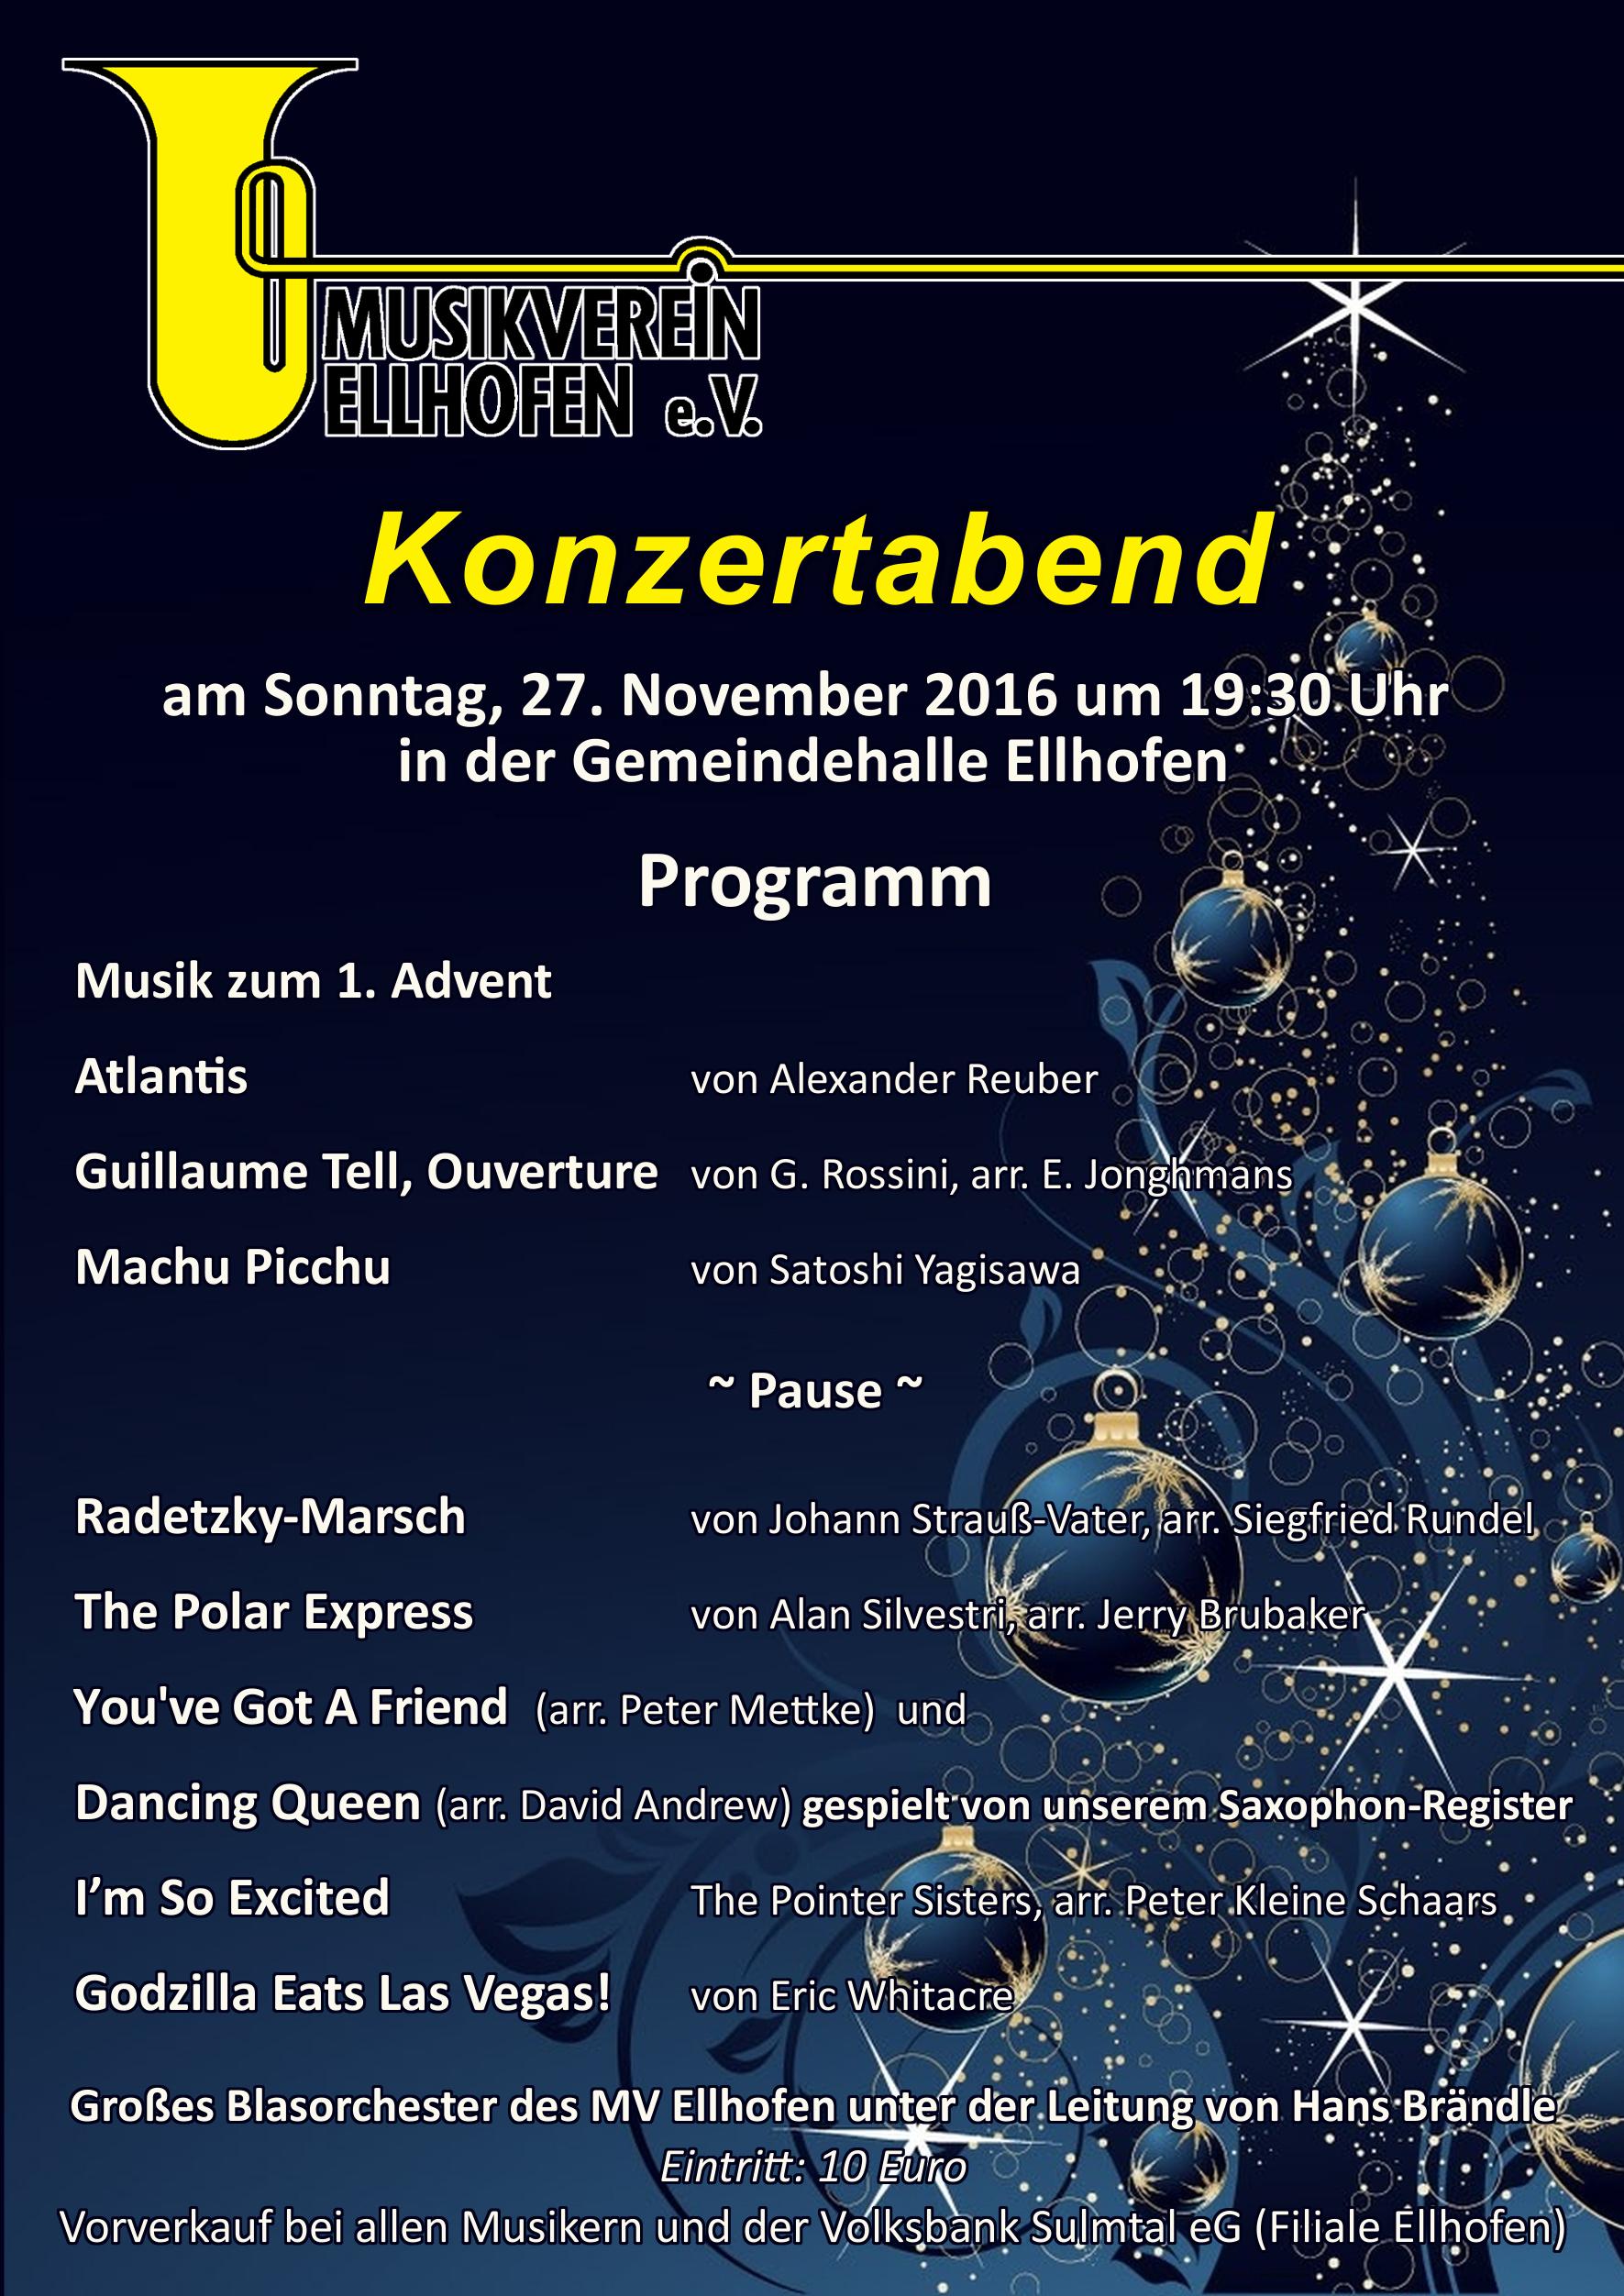 konzert2016_programm1